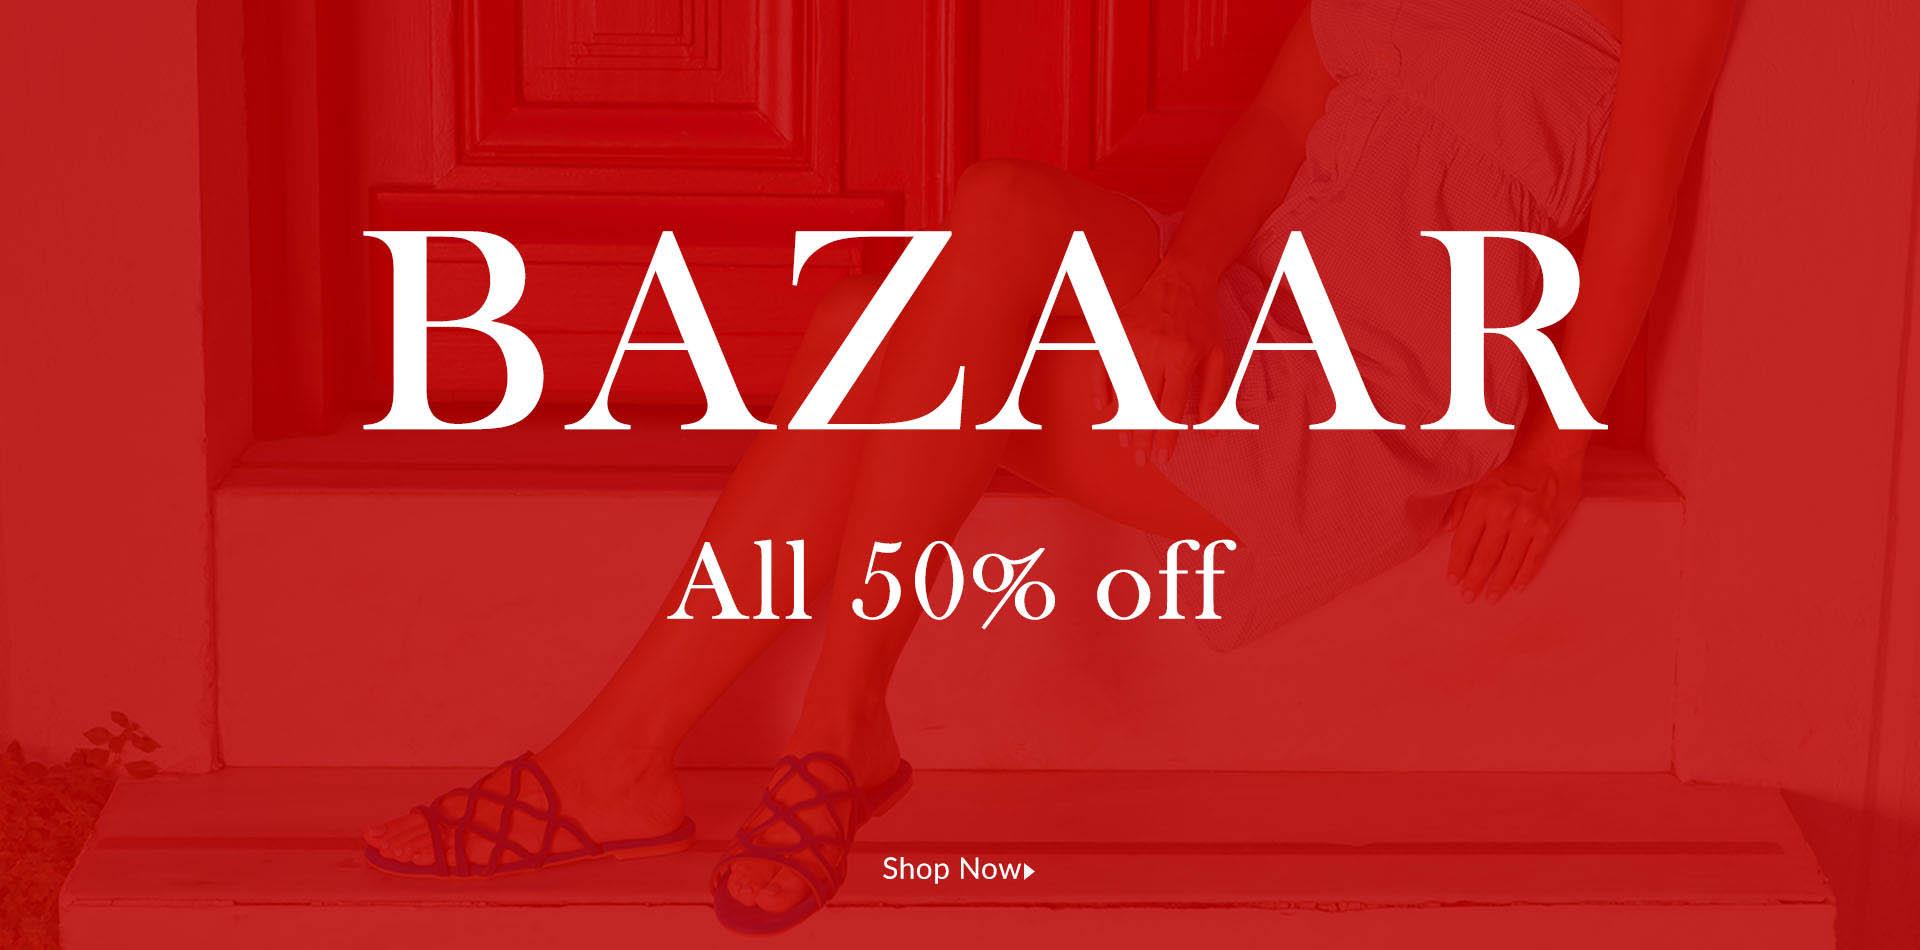 Bazaar MOURTZI all 50% off